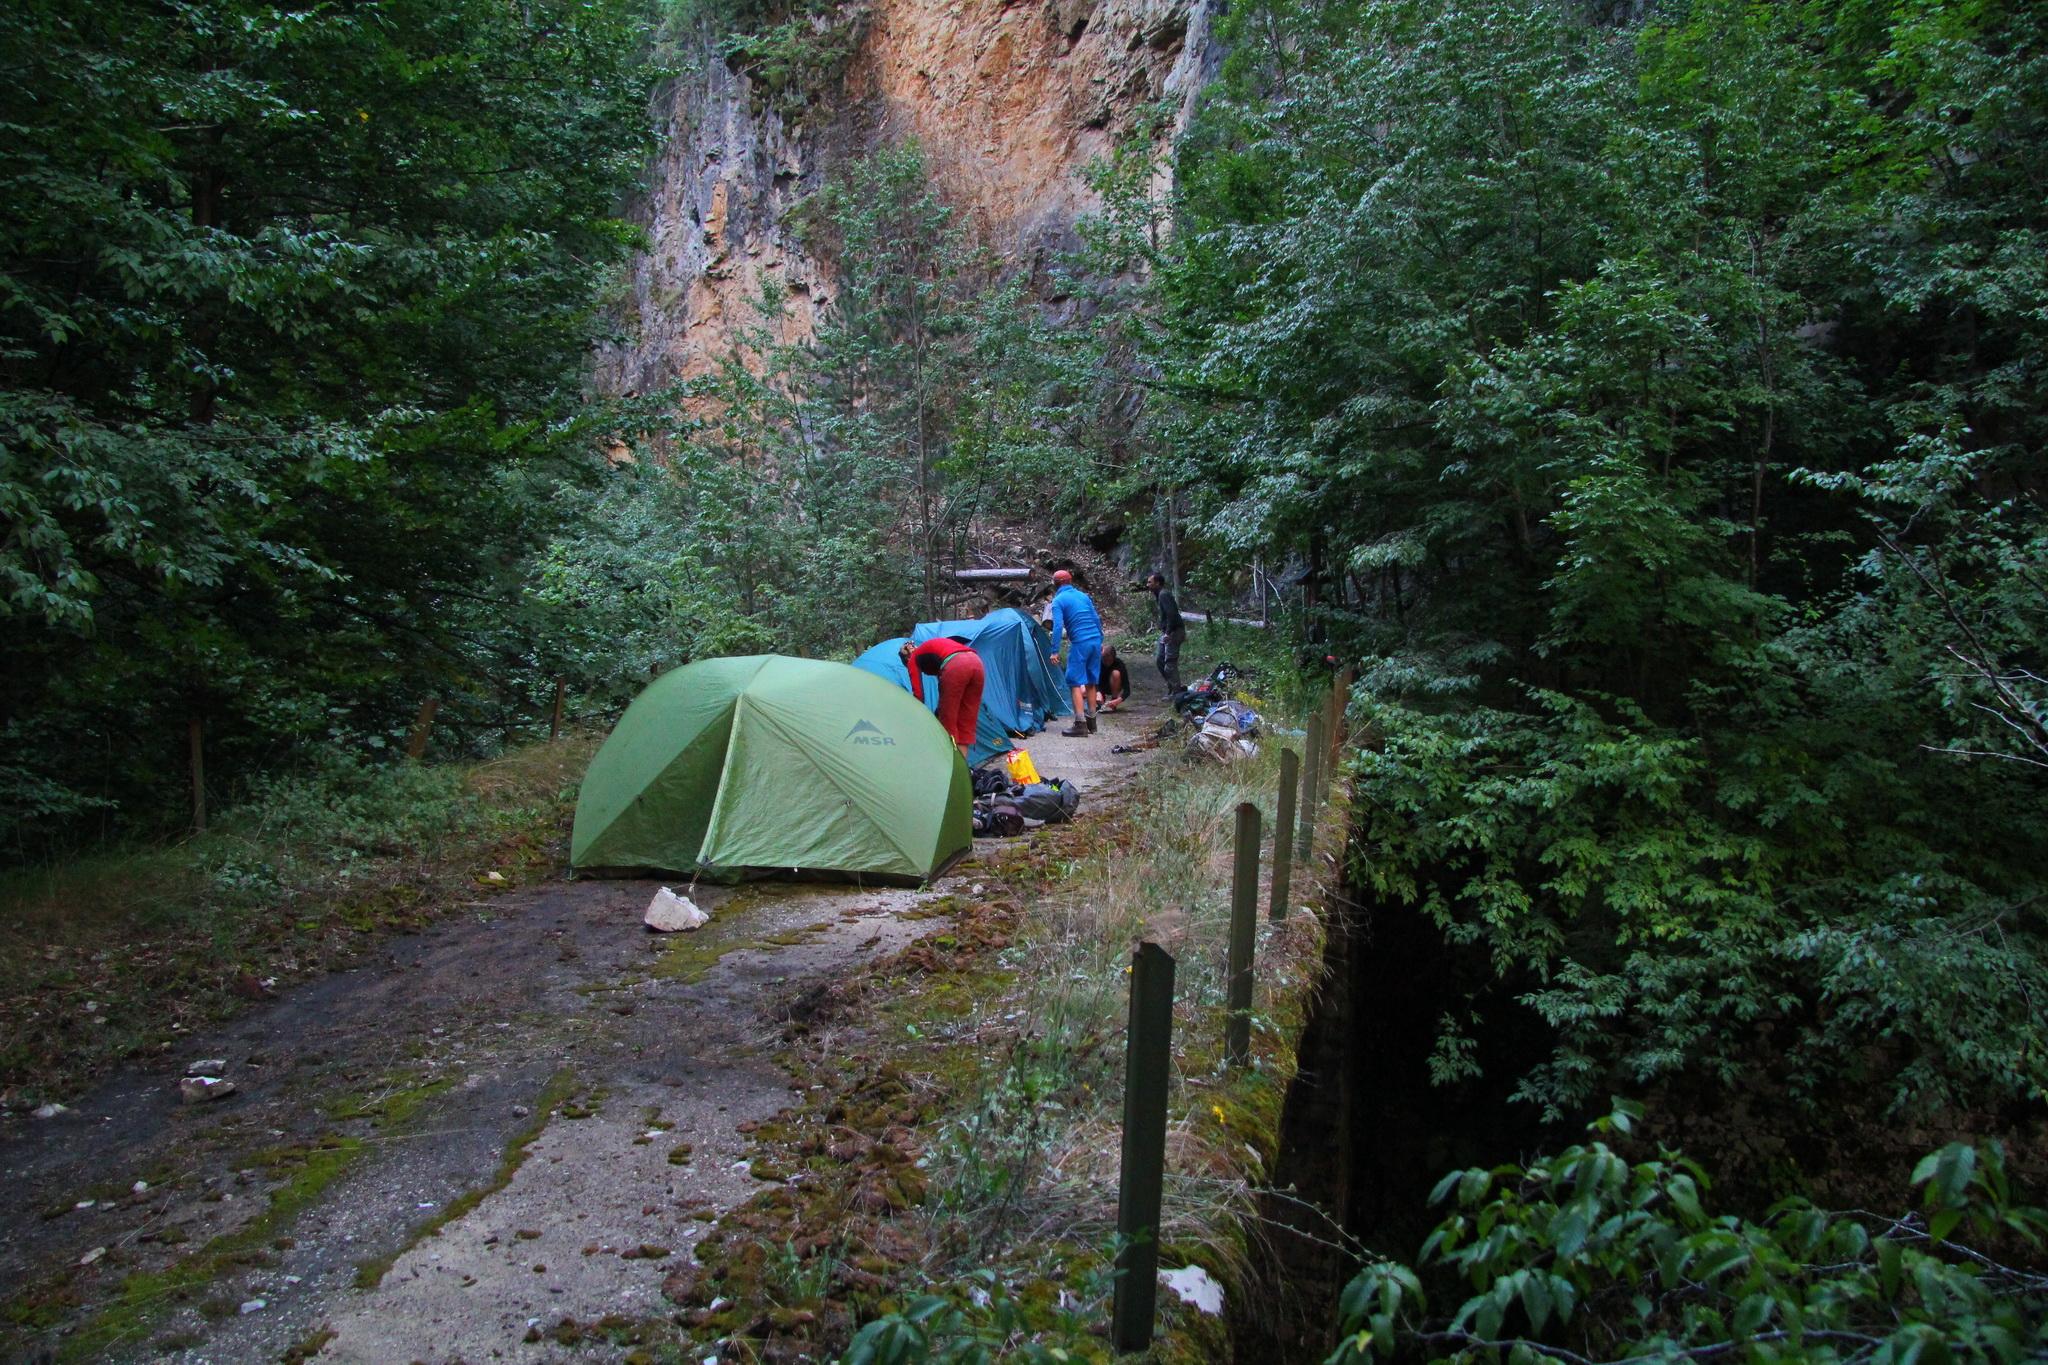 0290 - Tábořiště na třetí noc na mostě v rezervaci Kastrakli